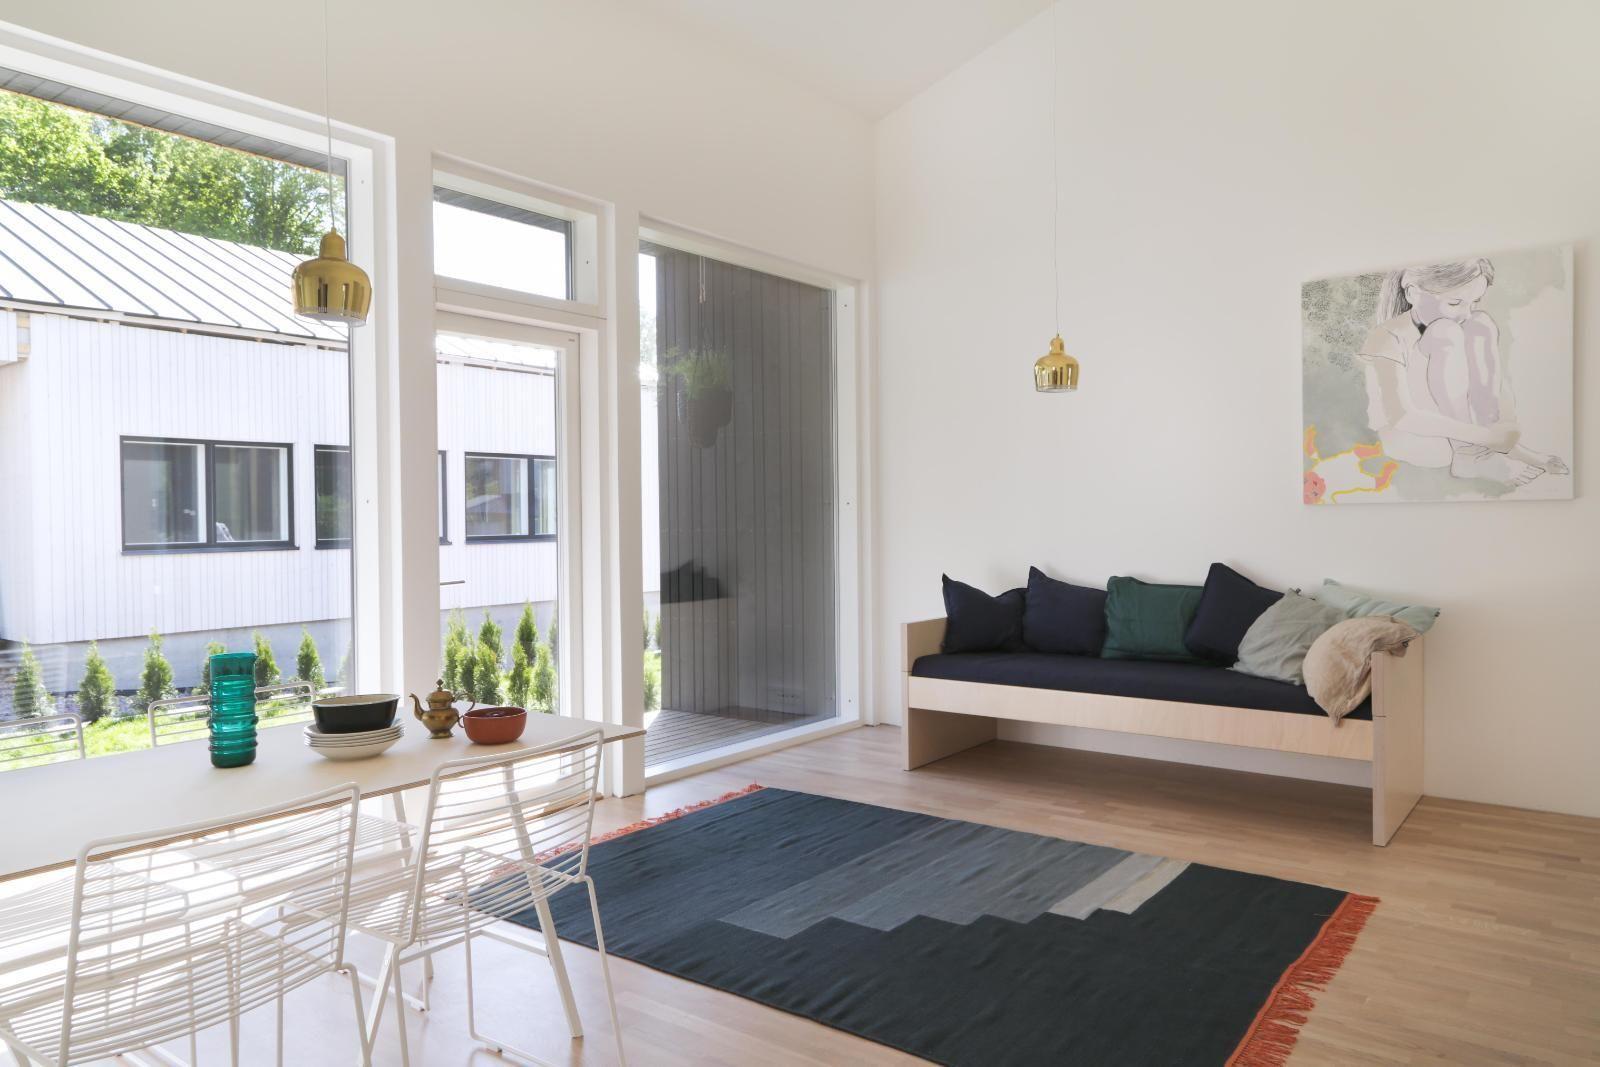 Tässä uudessa paritalokodissa keittiö, ruokailutila ja olohuone muodostavat yhtenäisen oleskelutilan.